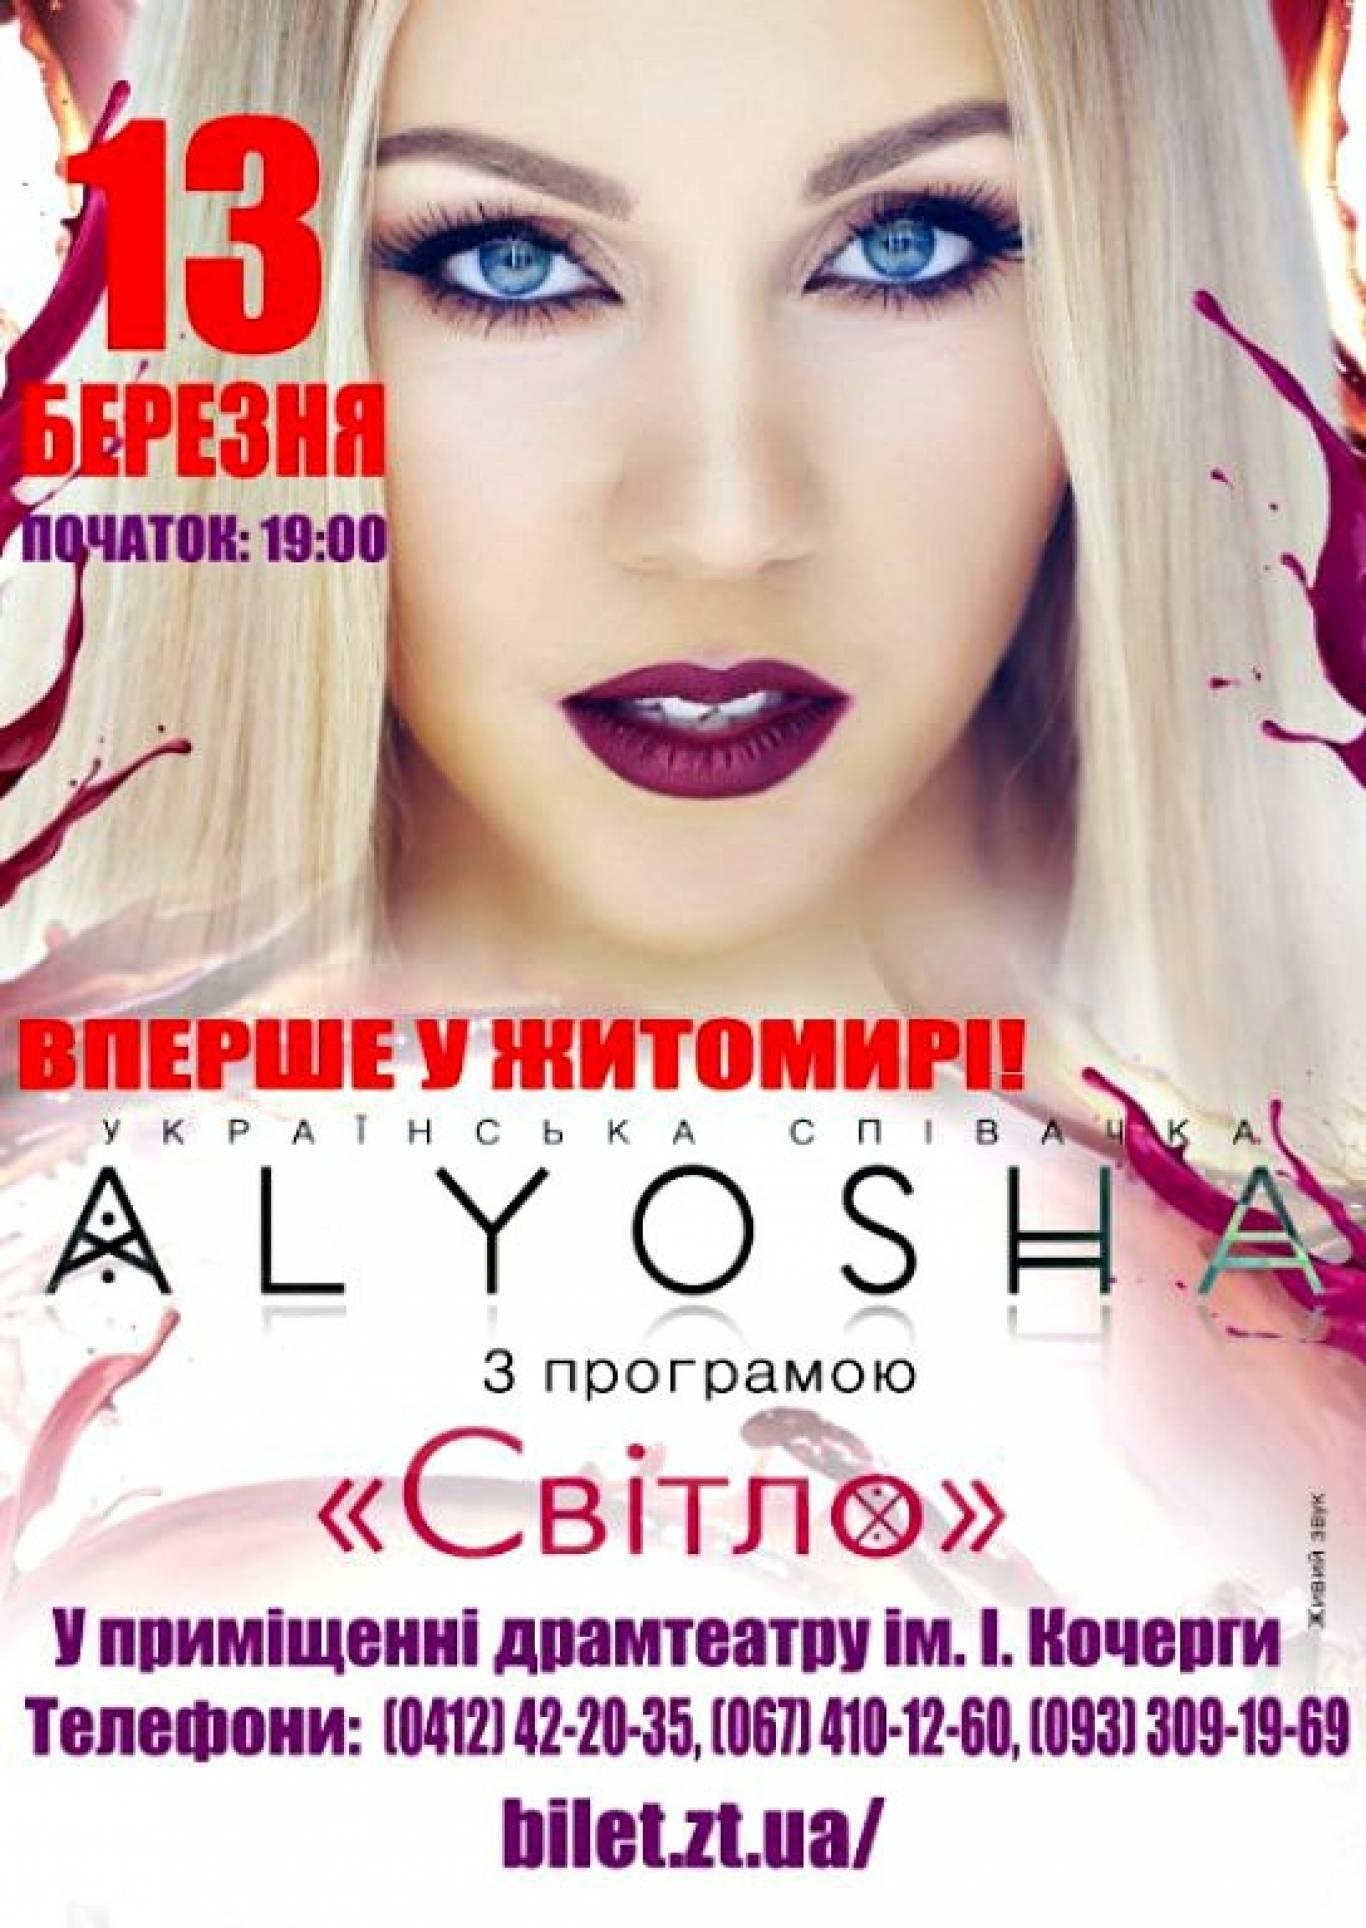 Концерт A L Y O S H A в Житомире